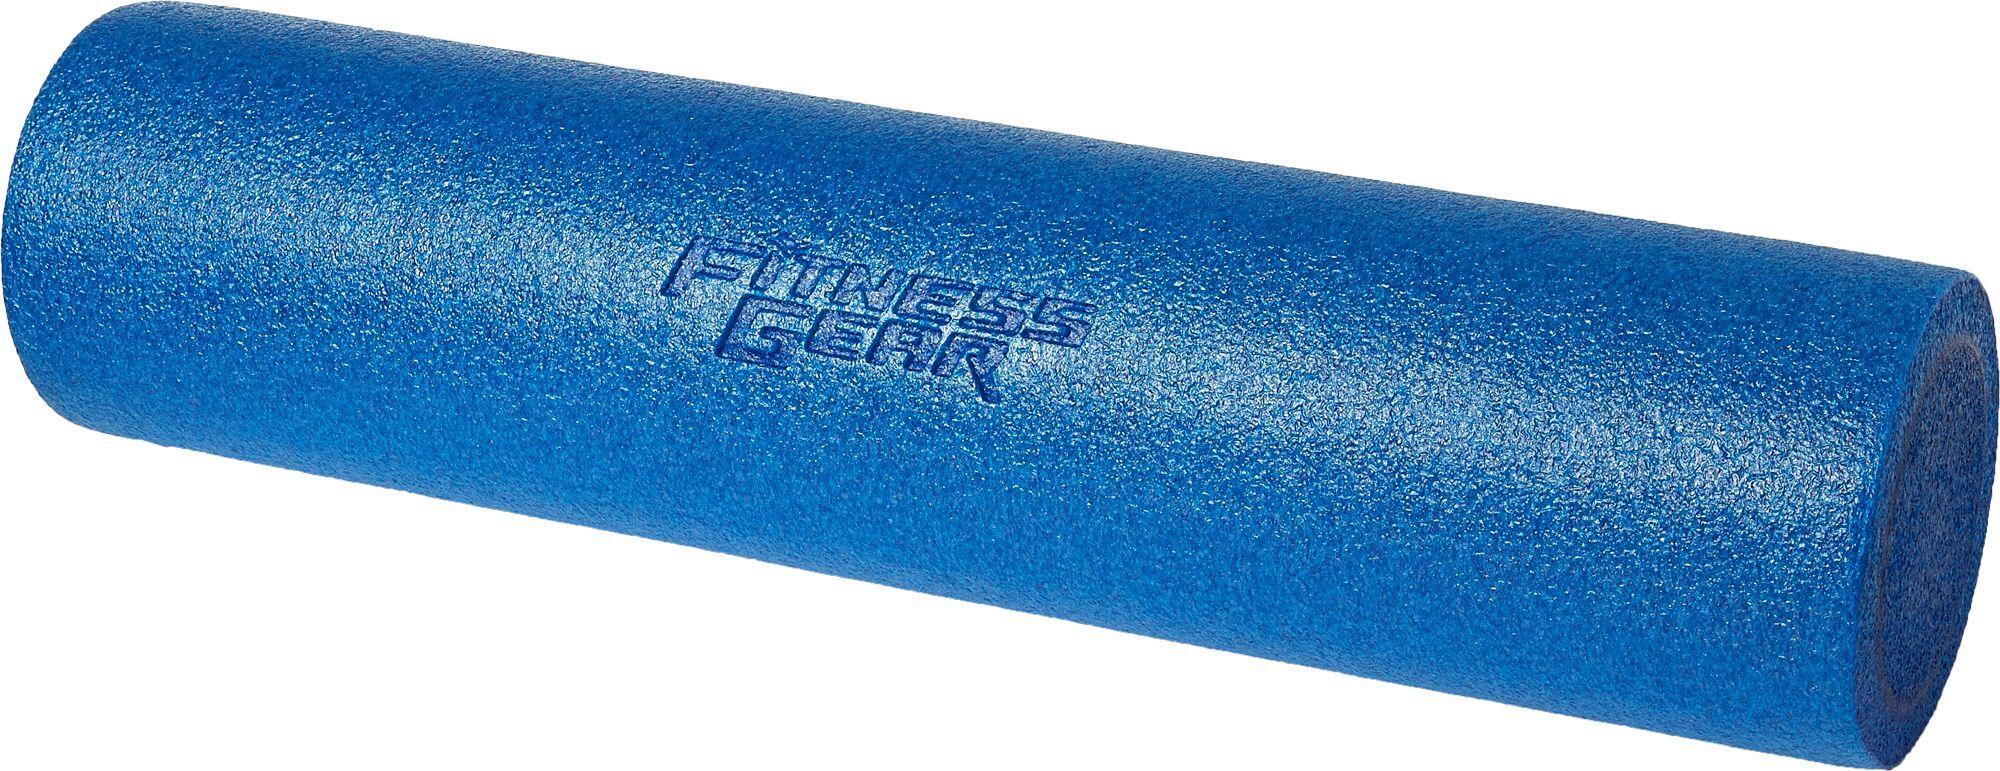 Fitness Gear 24'' Foam Roller, Blue